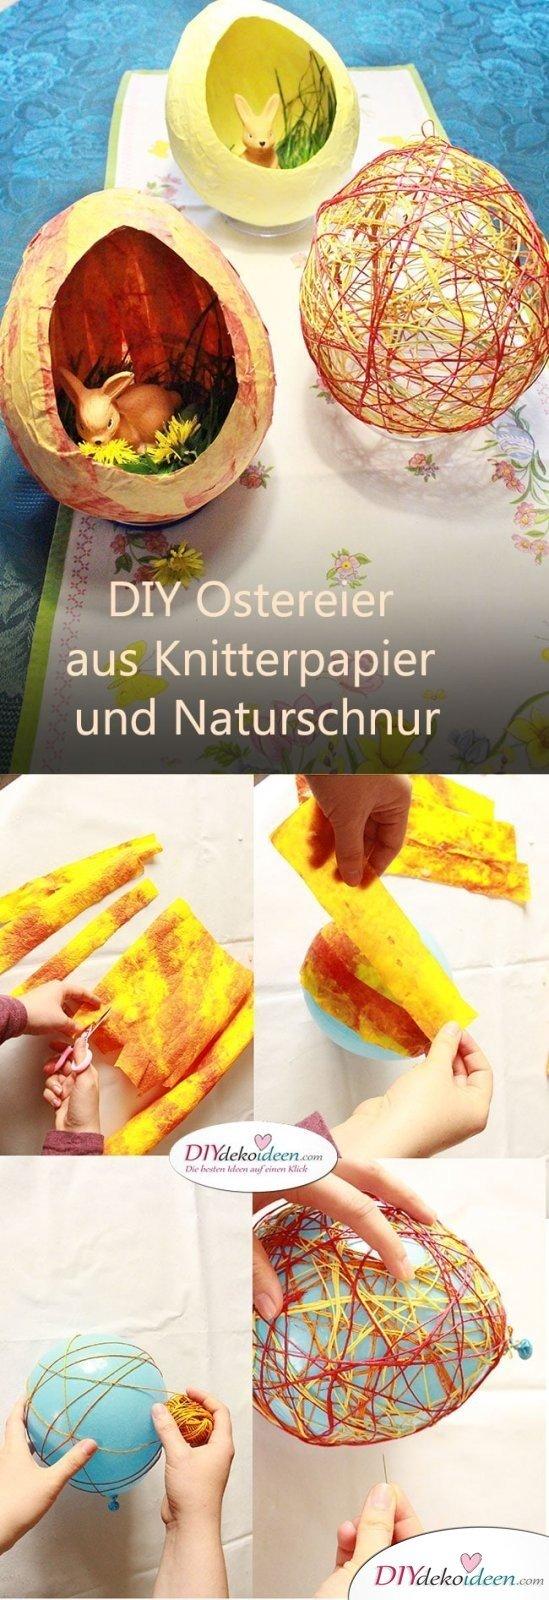 DIY Dekoidee - Ostereier basteln aus Knitterpapier und Naturschnur